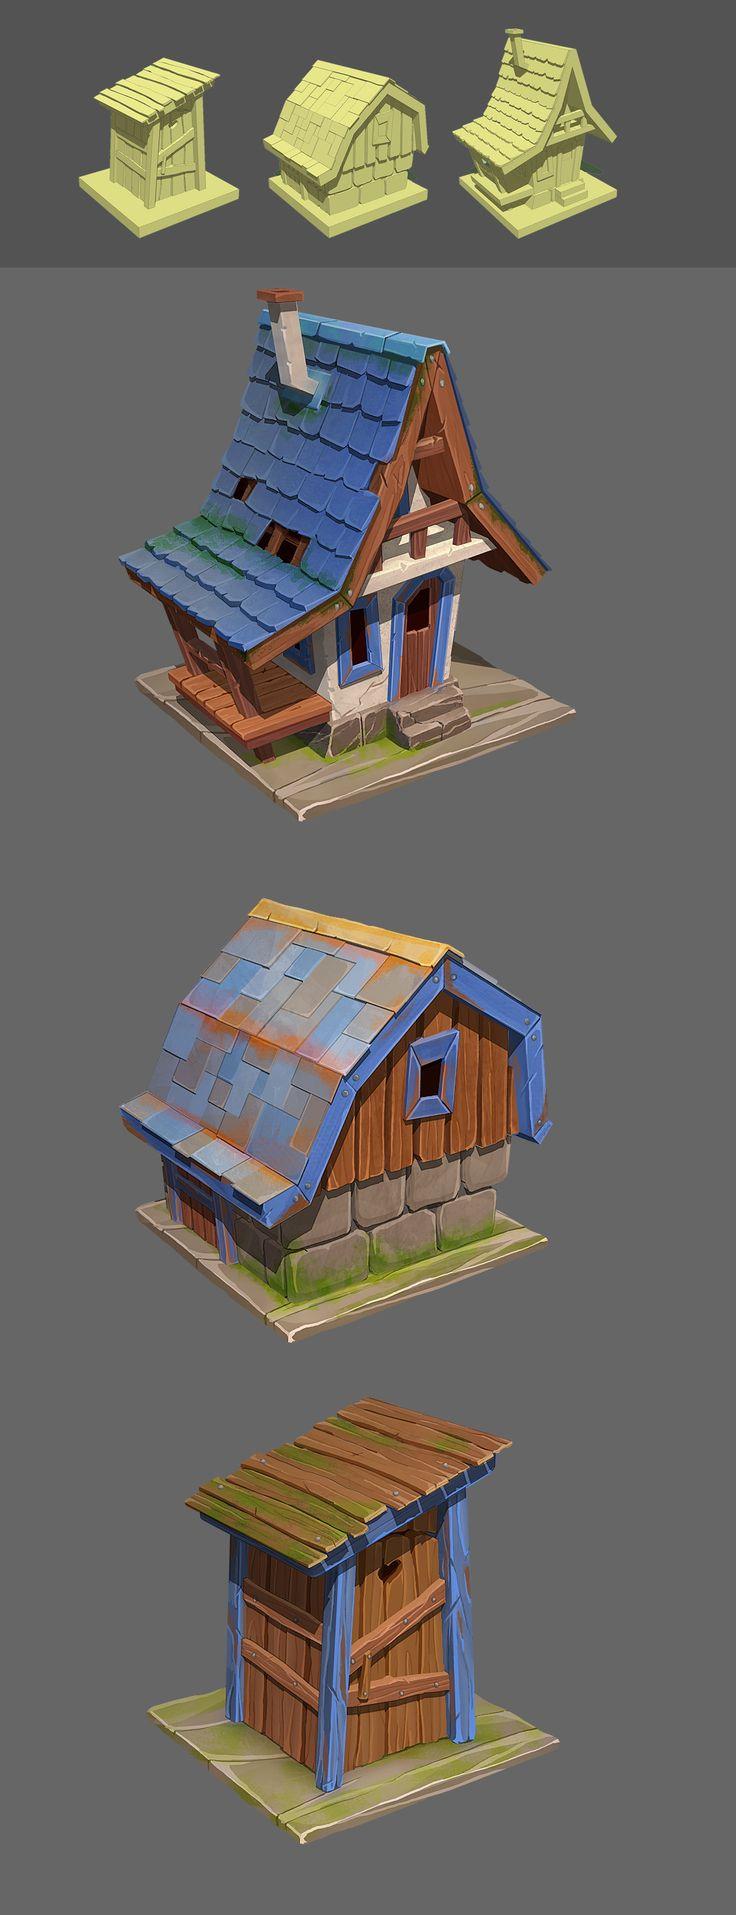 ArtStation - Houses_game_art, Yana Blyzniuk